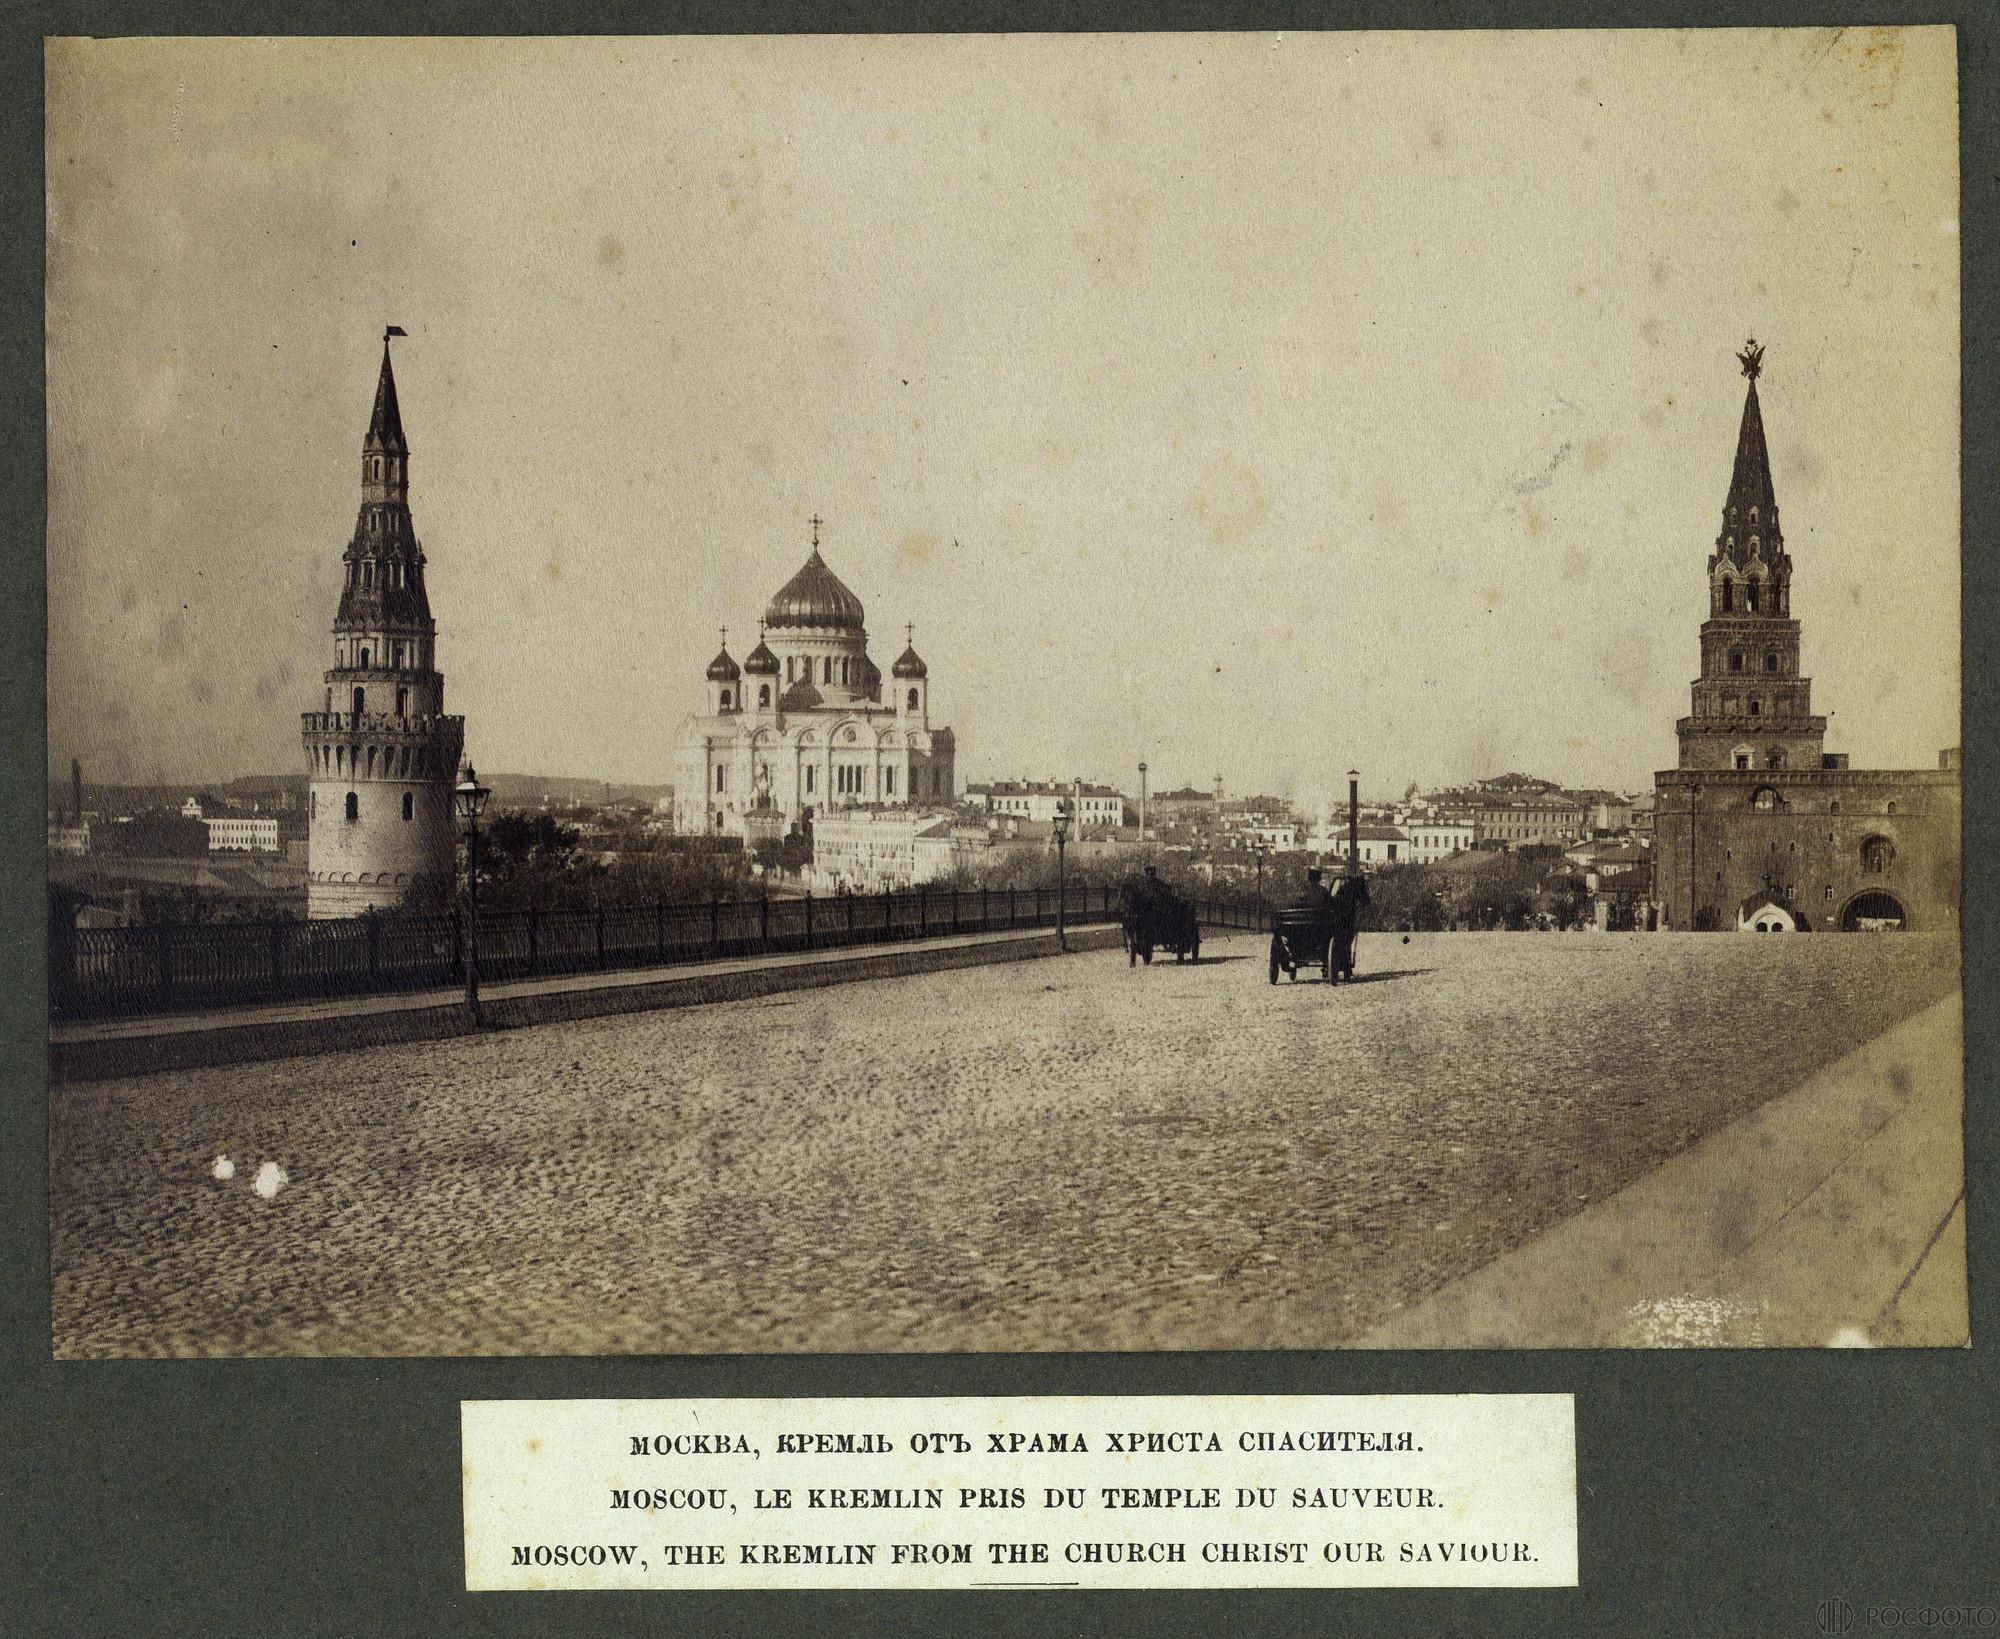 Вид на храм Христа Спасителя и кремлевские башни